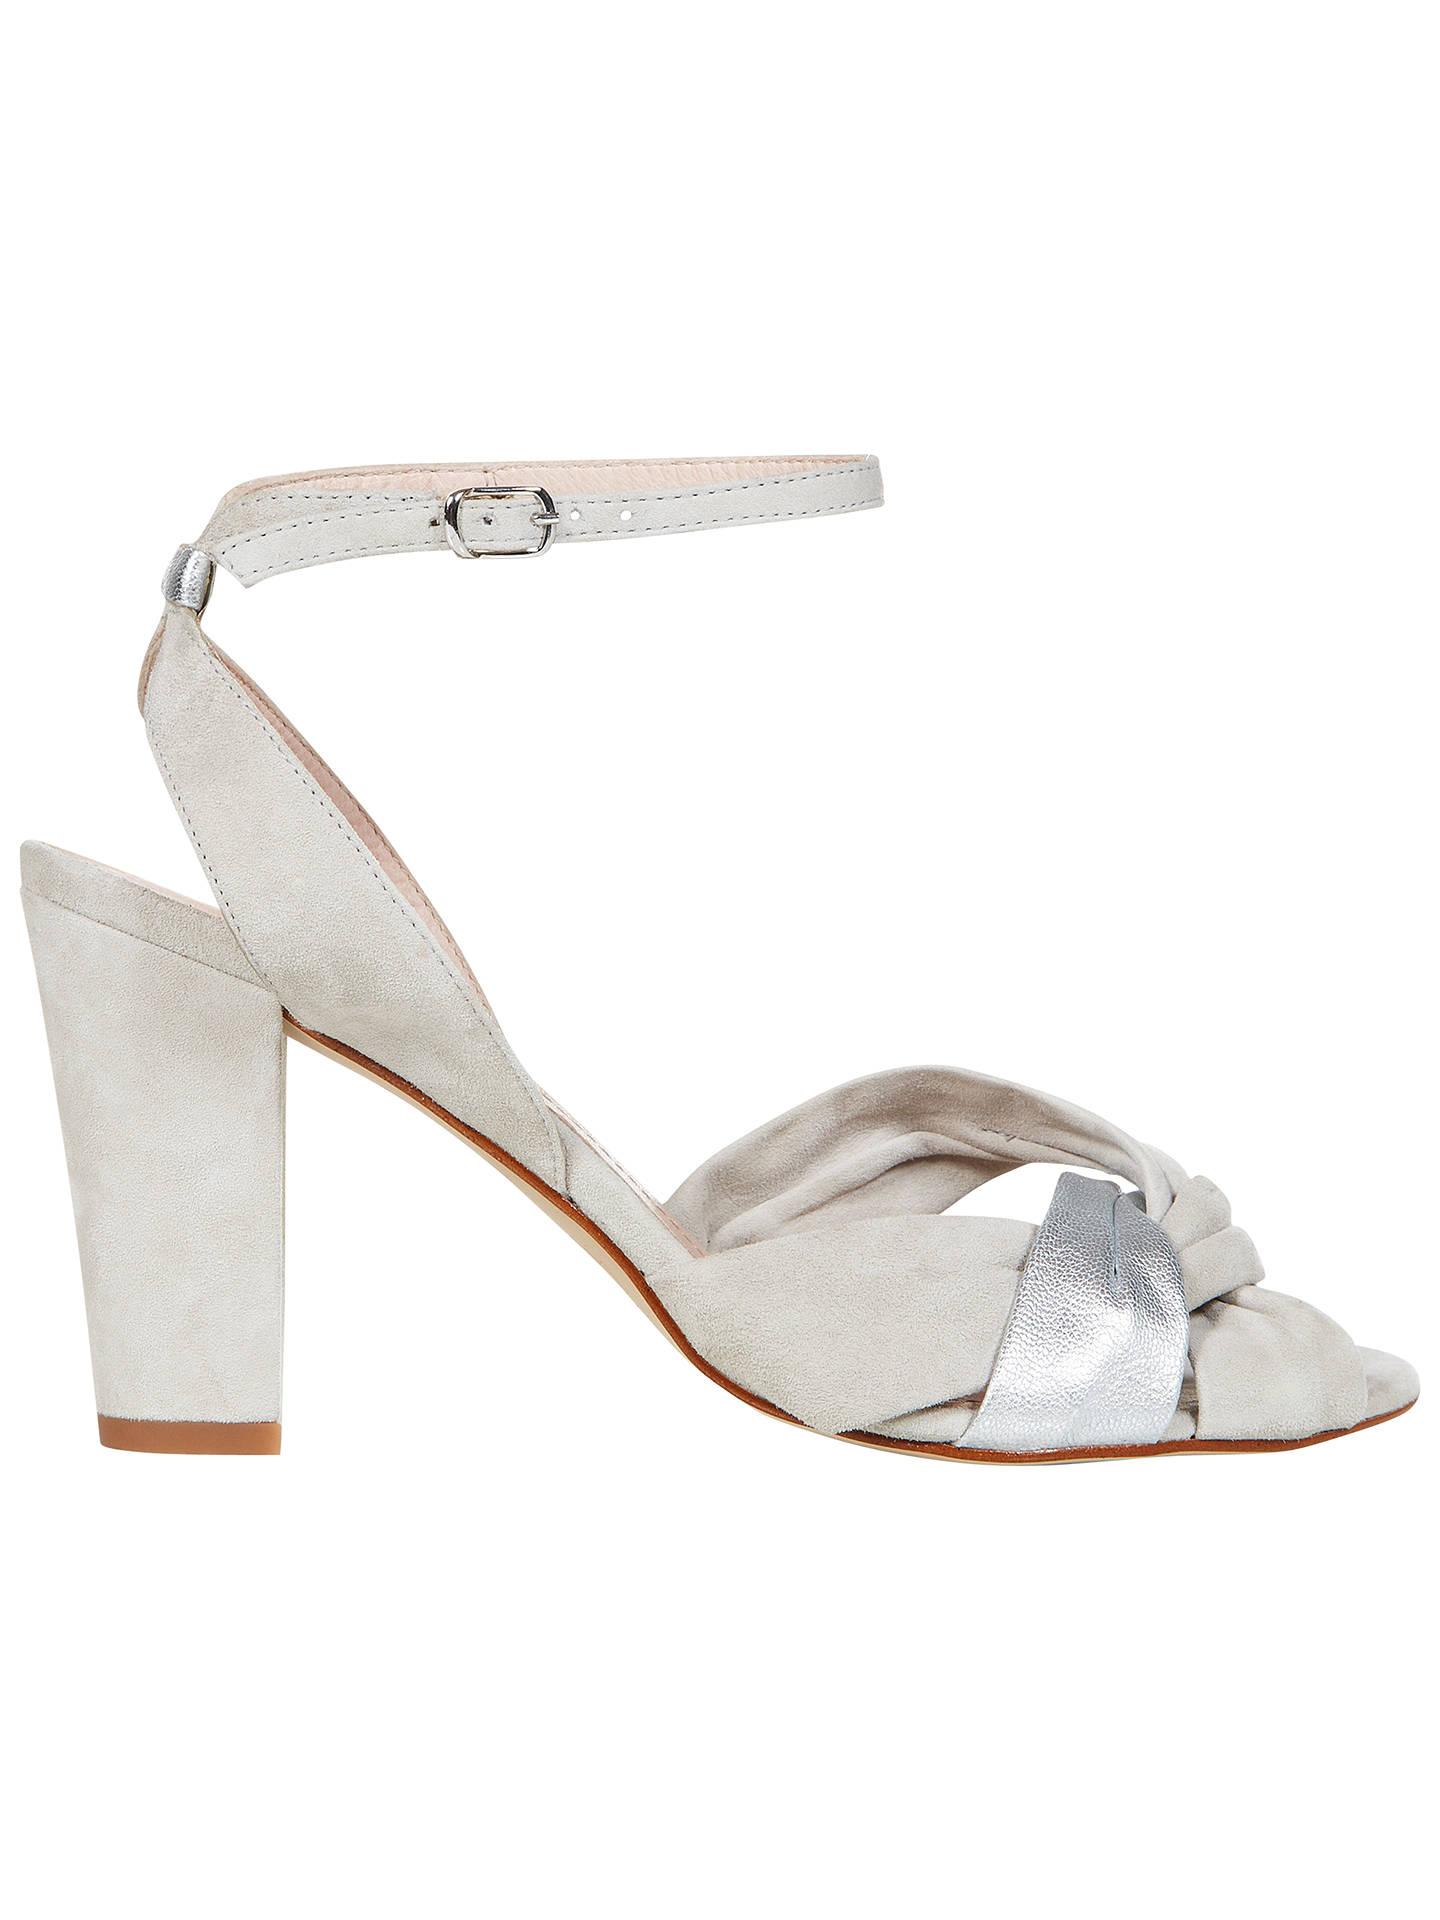 eaf024b0d8 Buy NW3 by Hobbs Fleur Sandals, Grey Silver, 3 Online at johnlewis.com ...